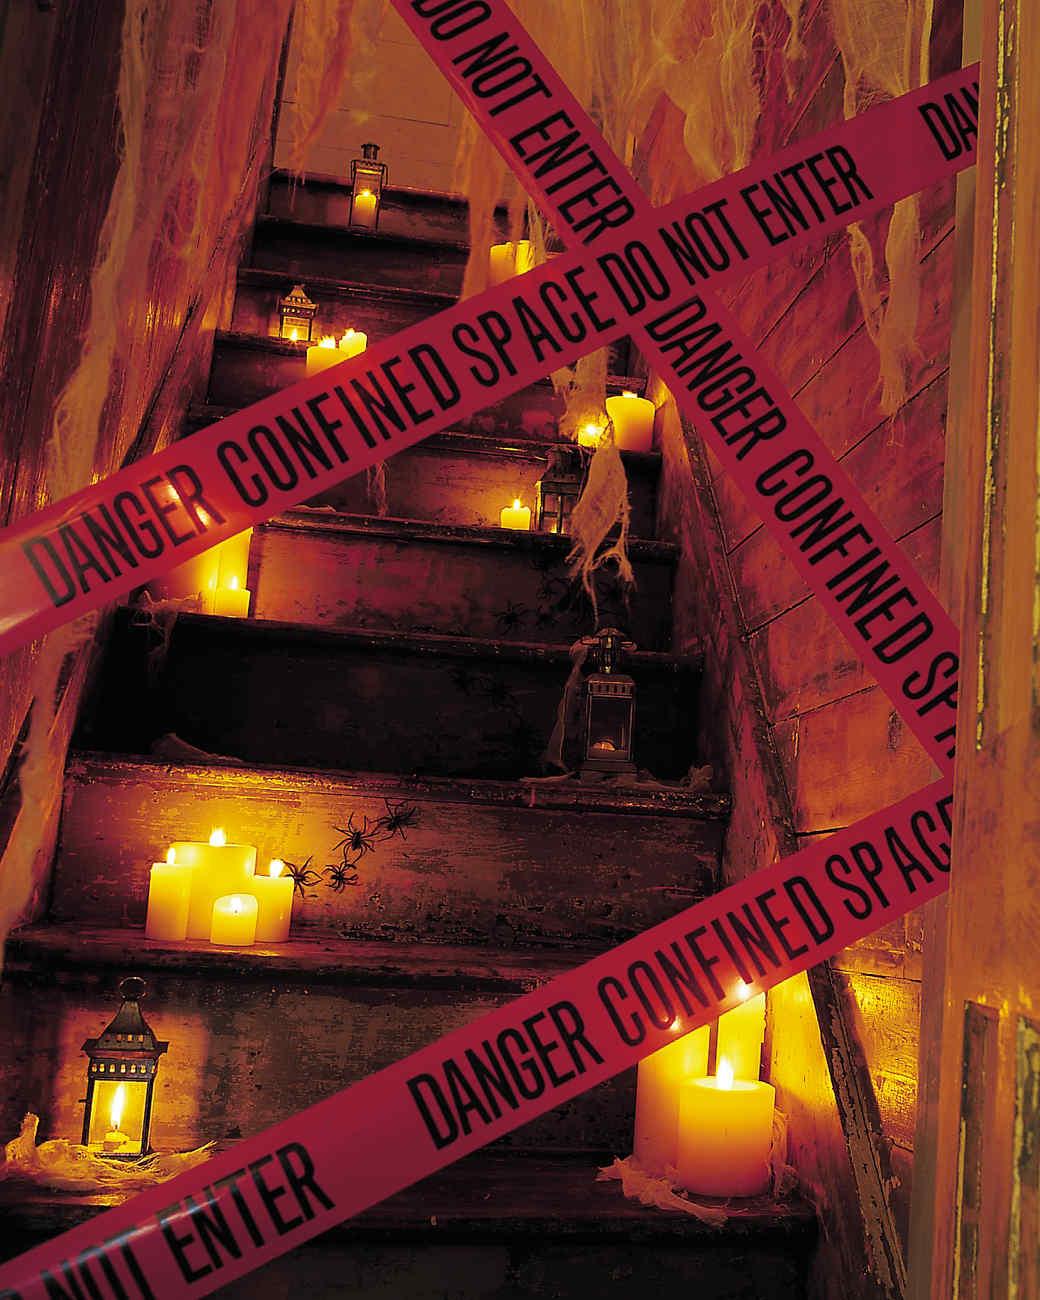 a98100_1000_stairs.jpg